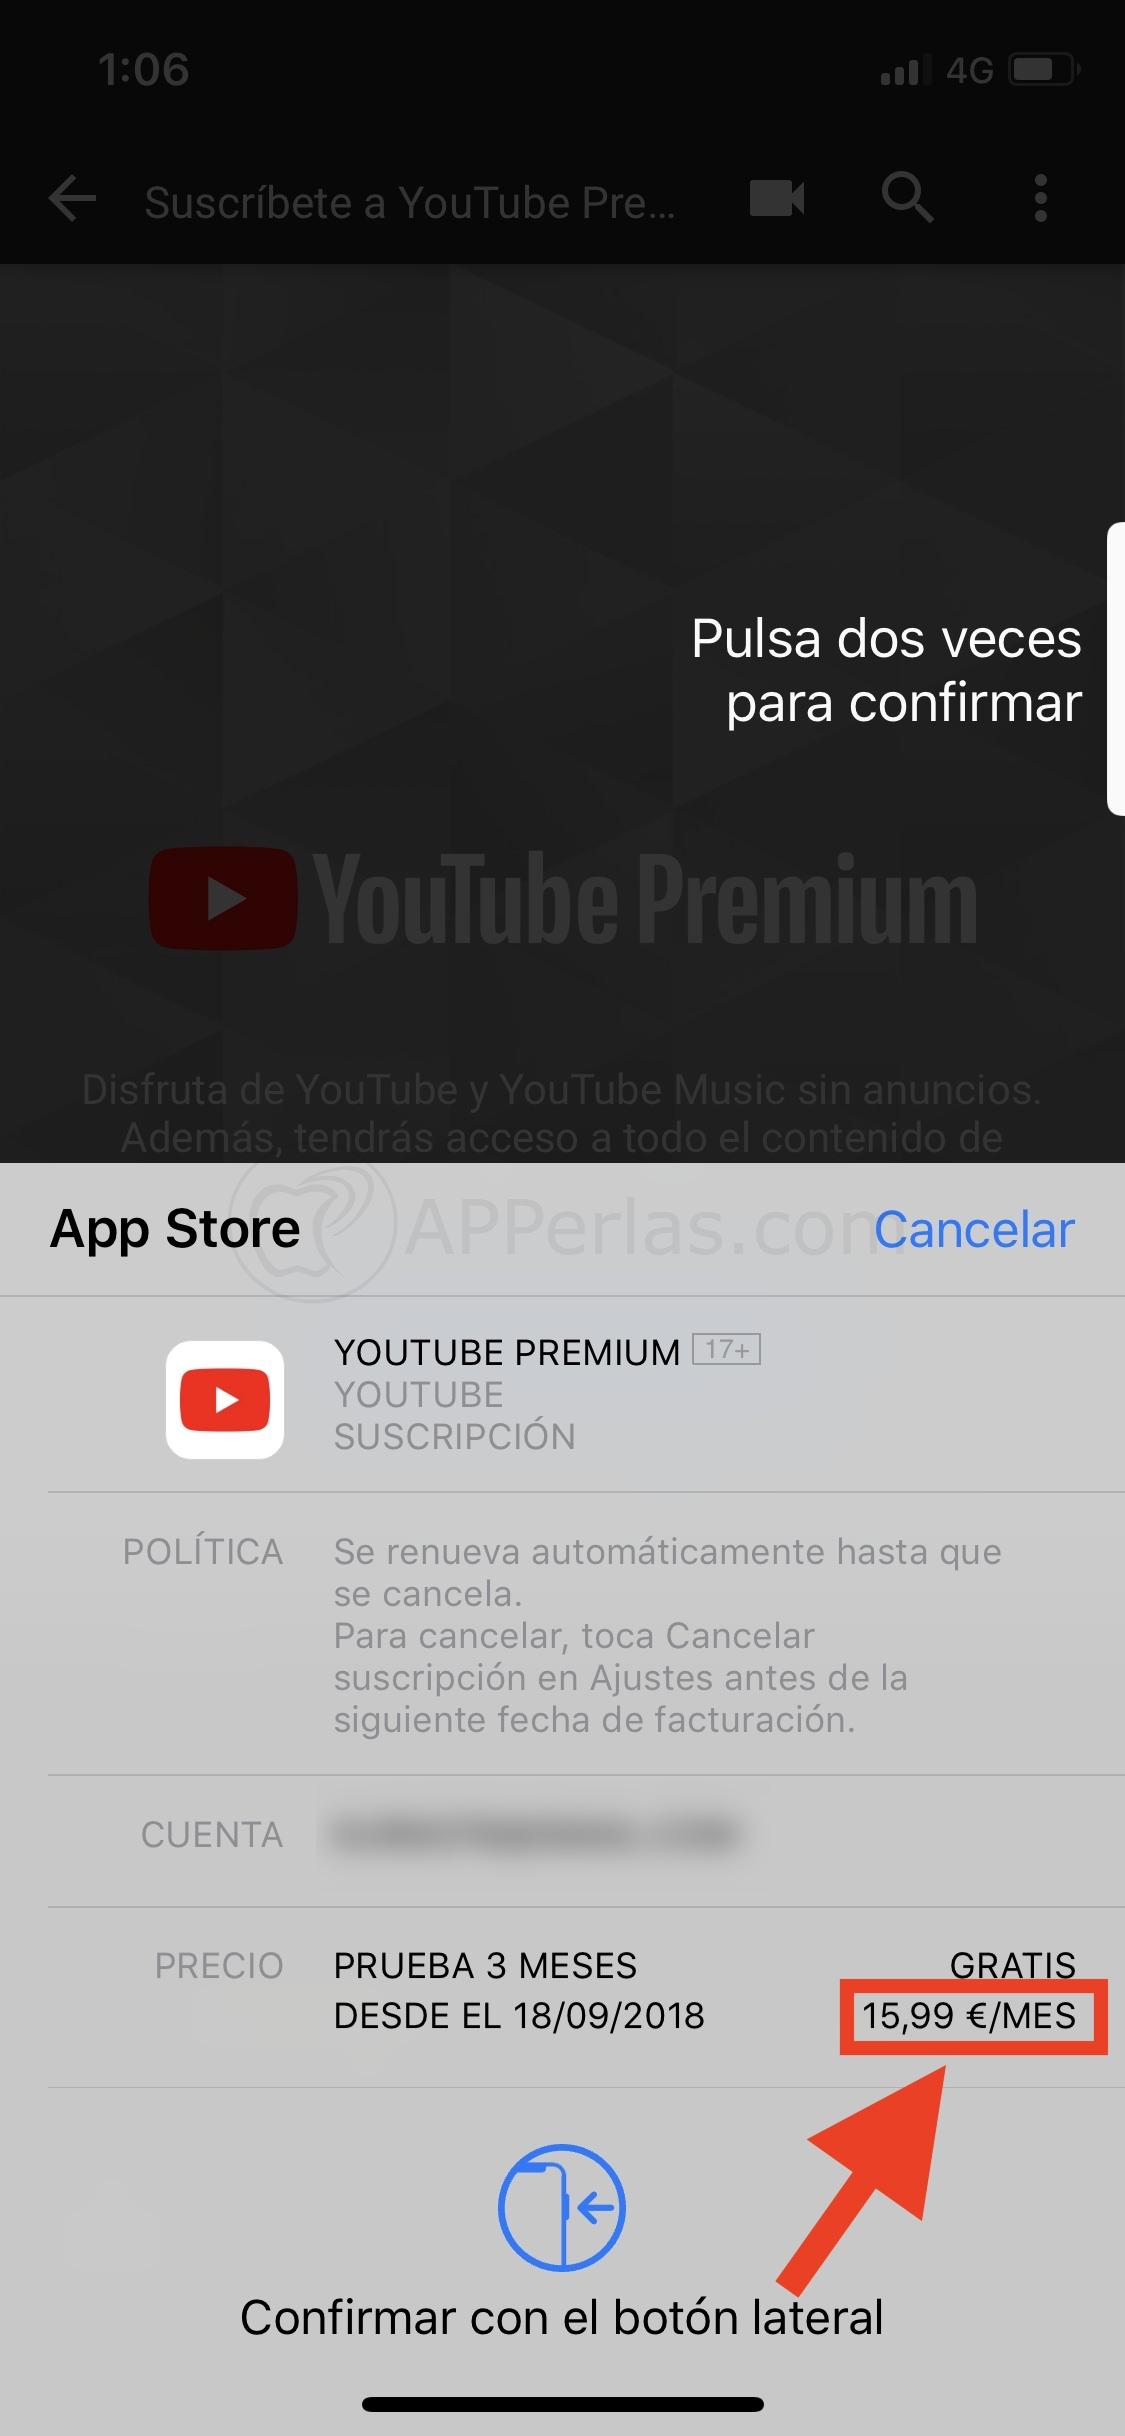 Youtube Premium y Music MÁS BARATO, si NO te suscribes desde la app